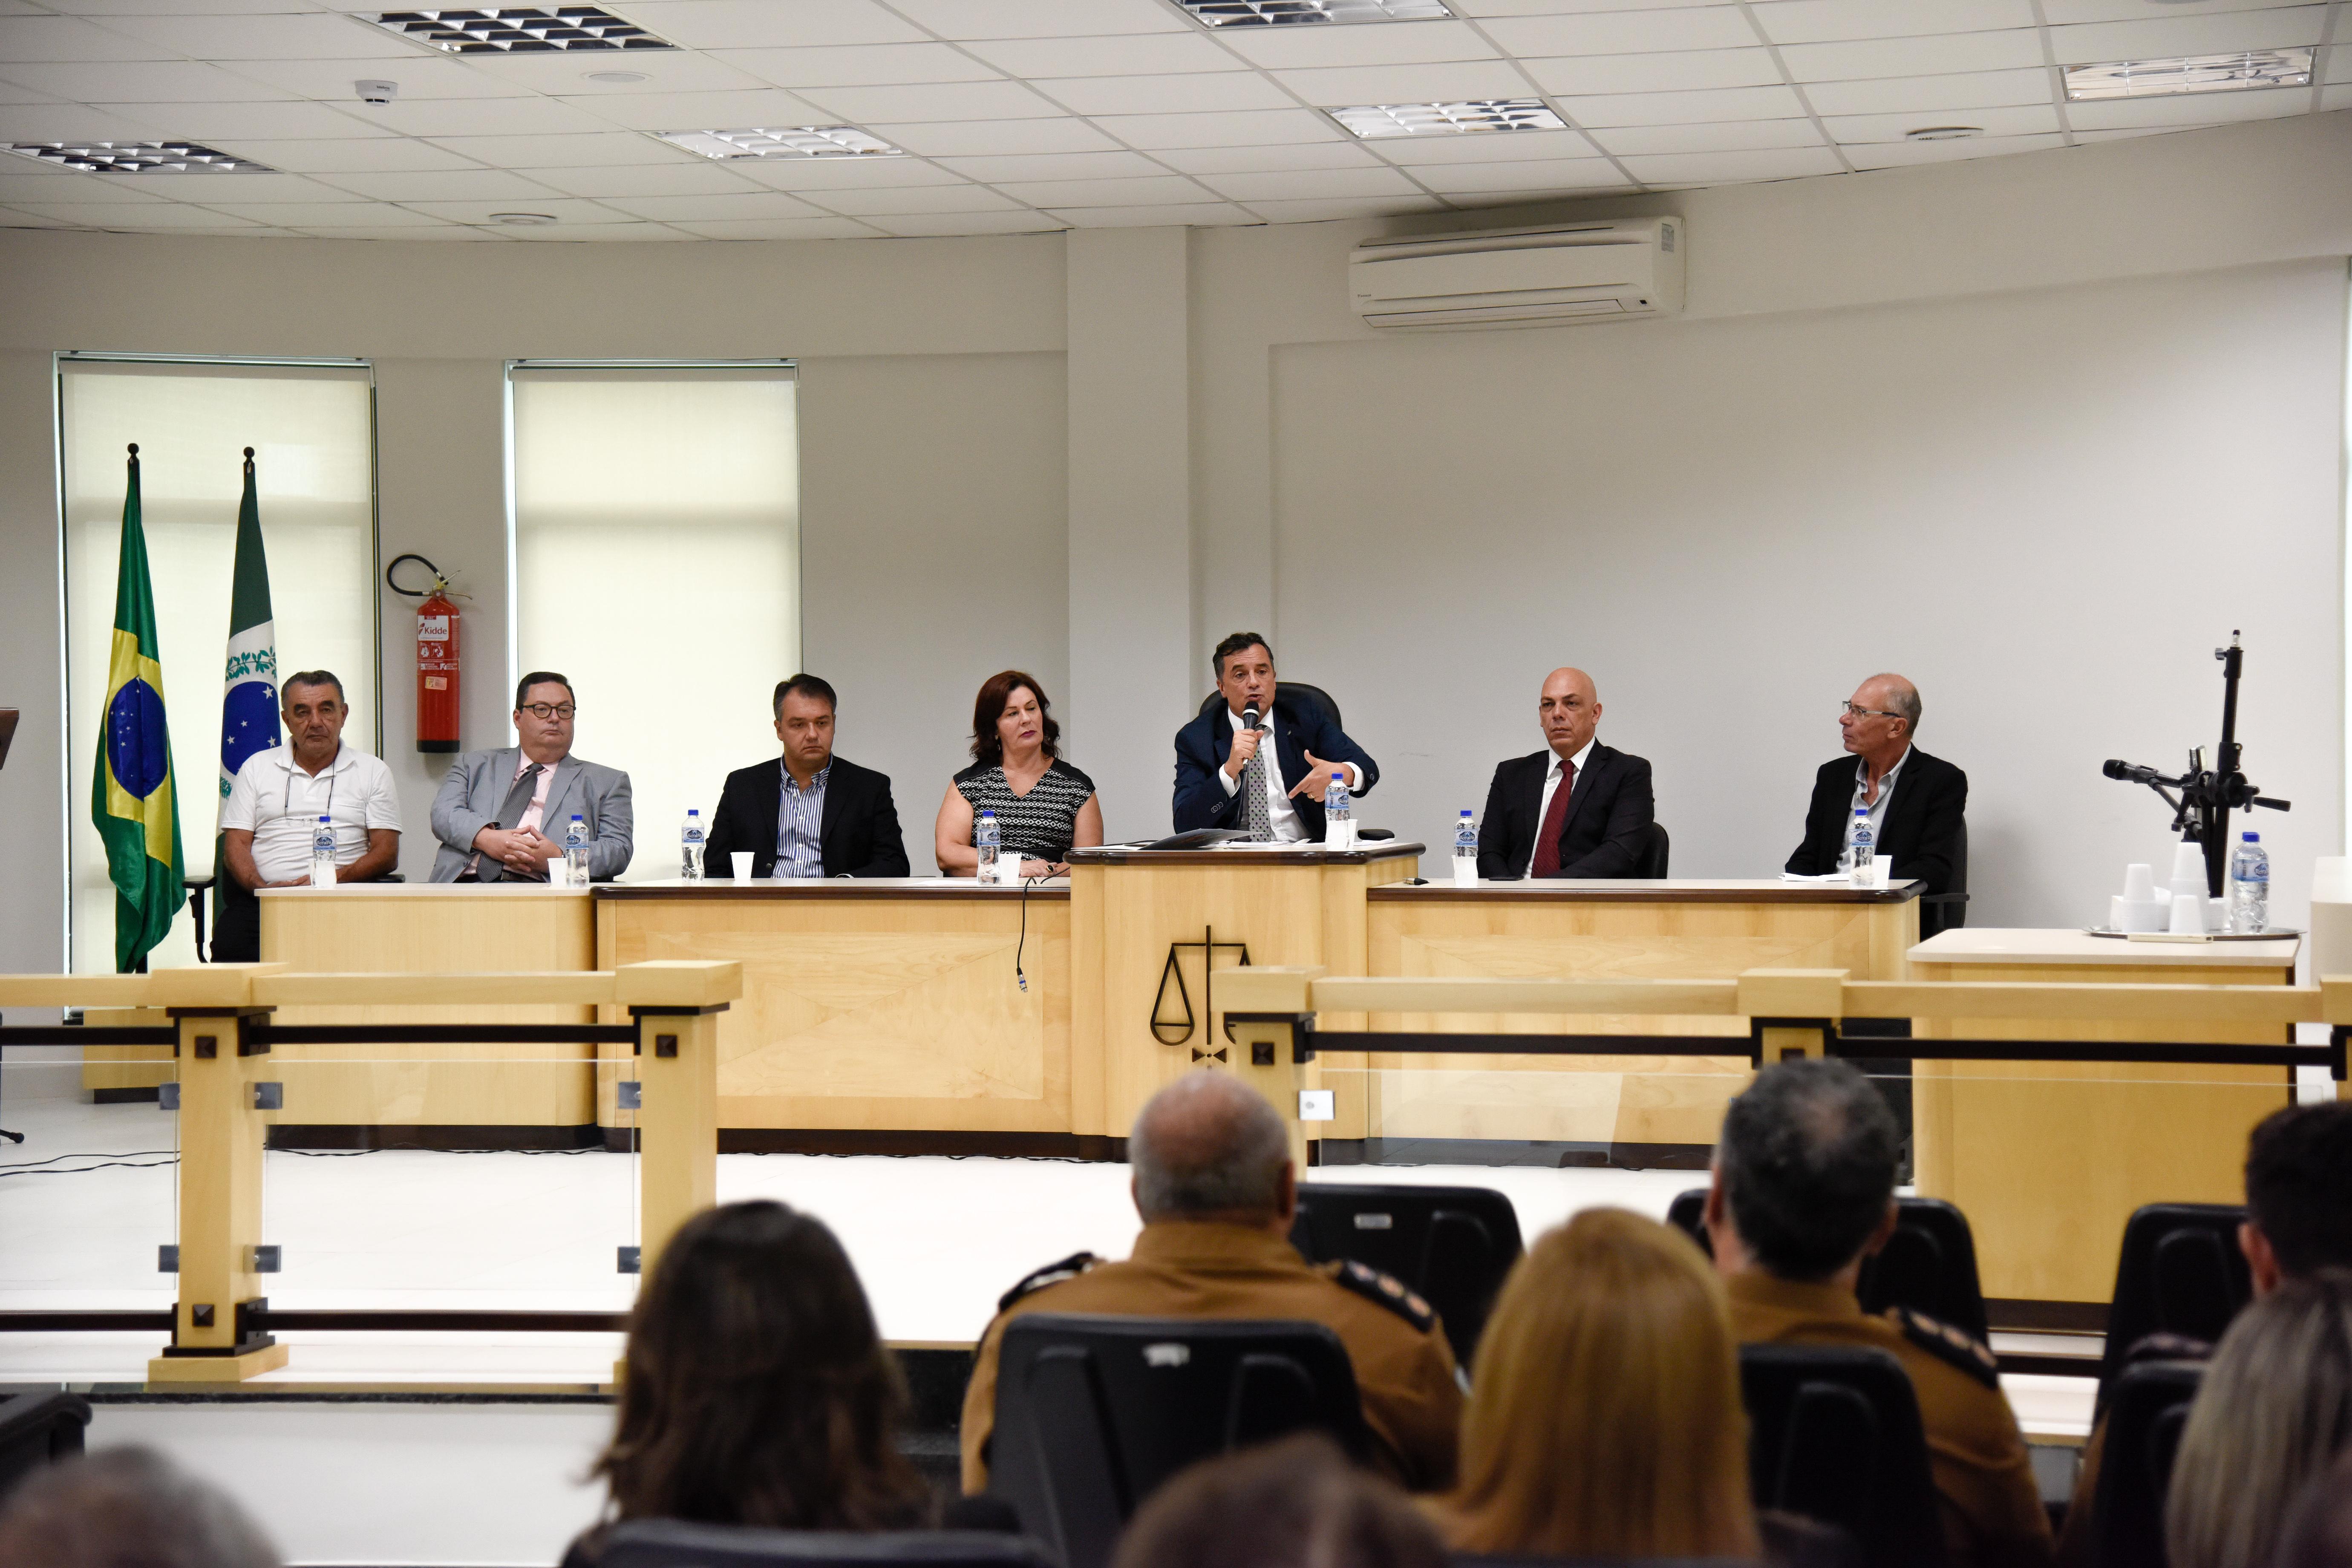 Tribunal de Justiça inicia 2ª etapa da Operação Litoral de 2019